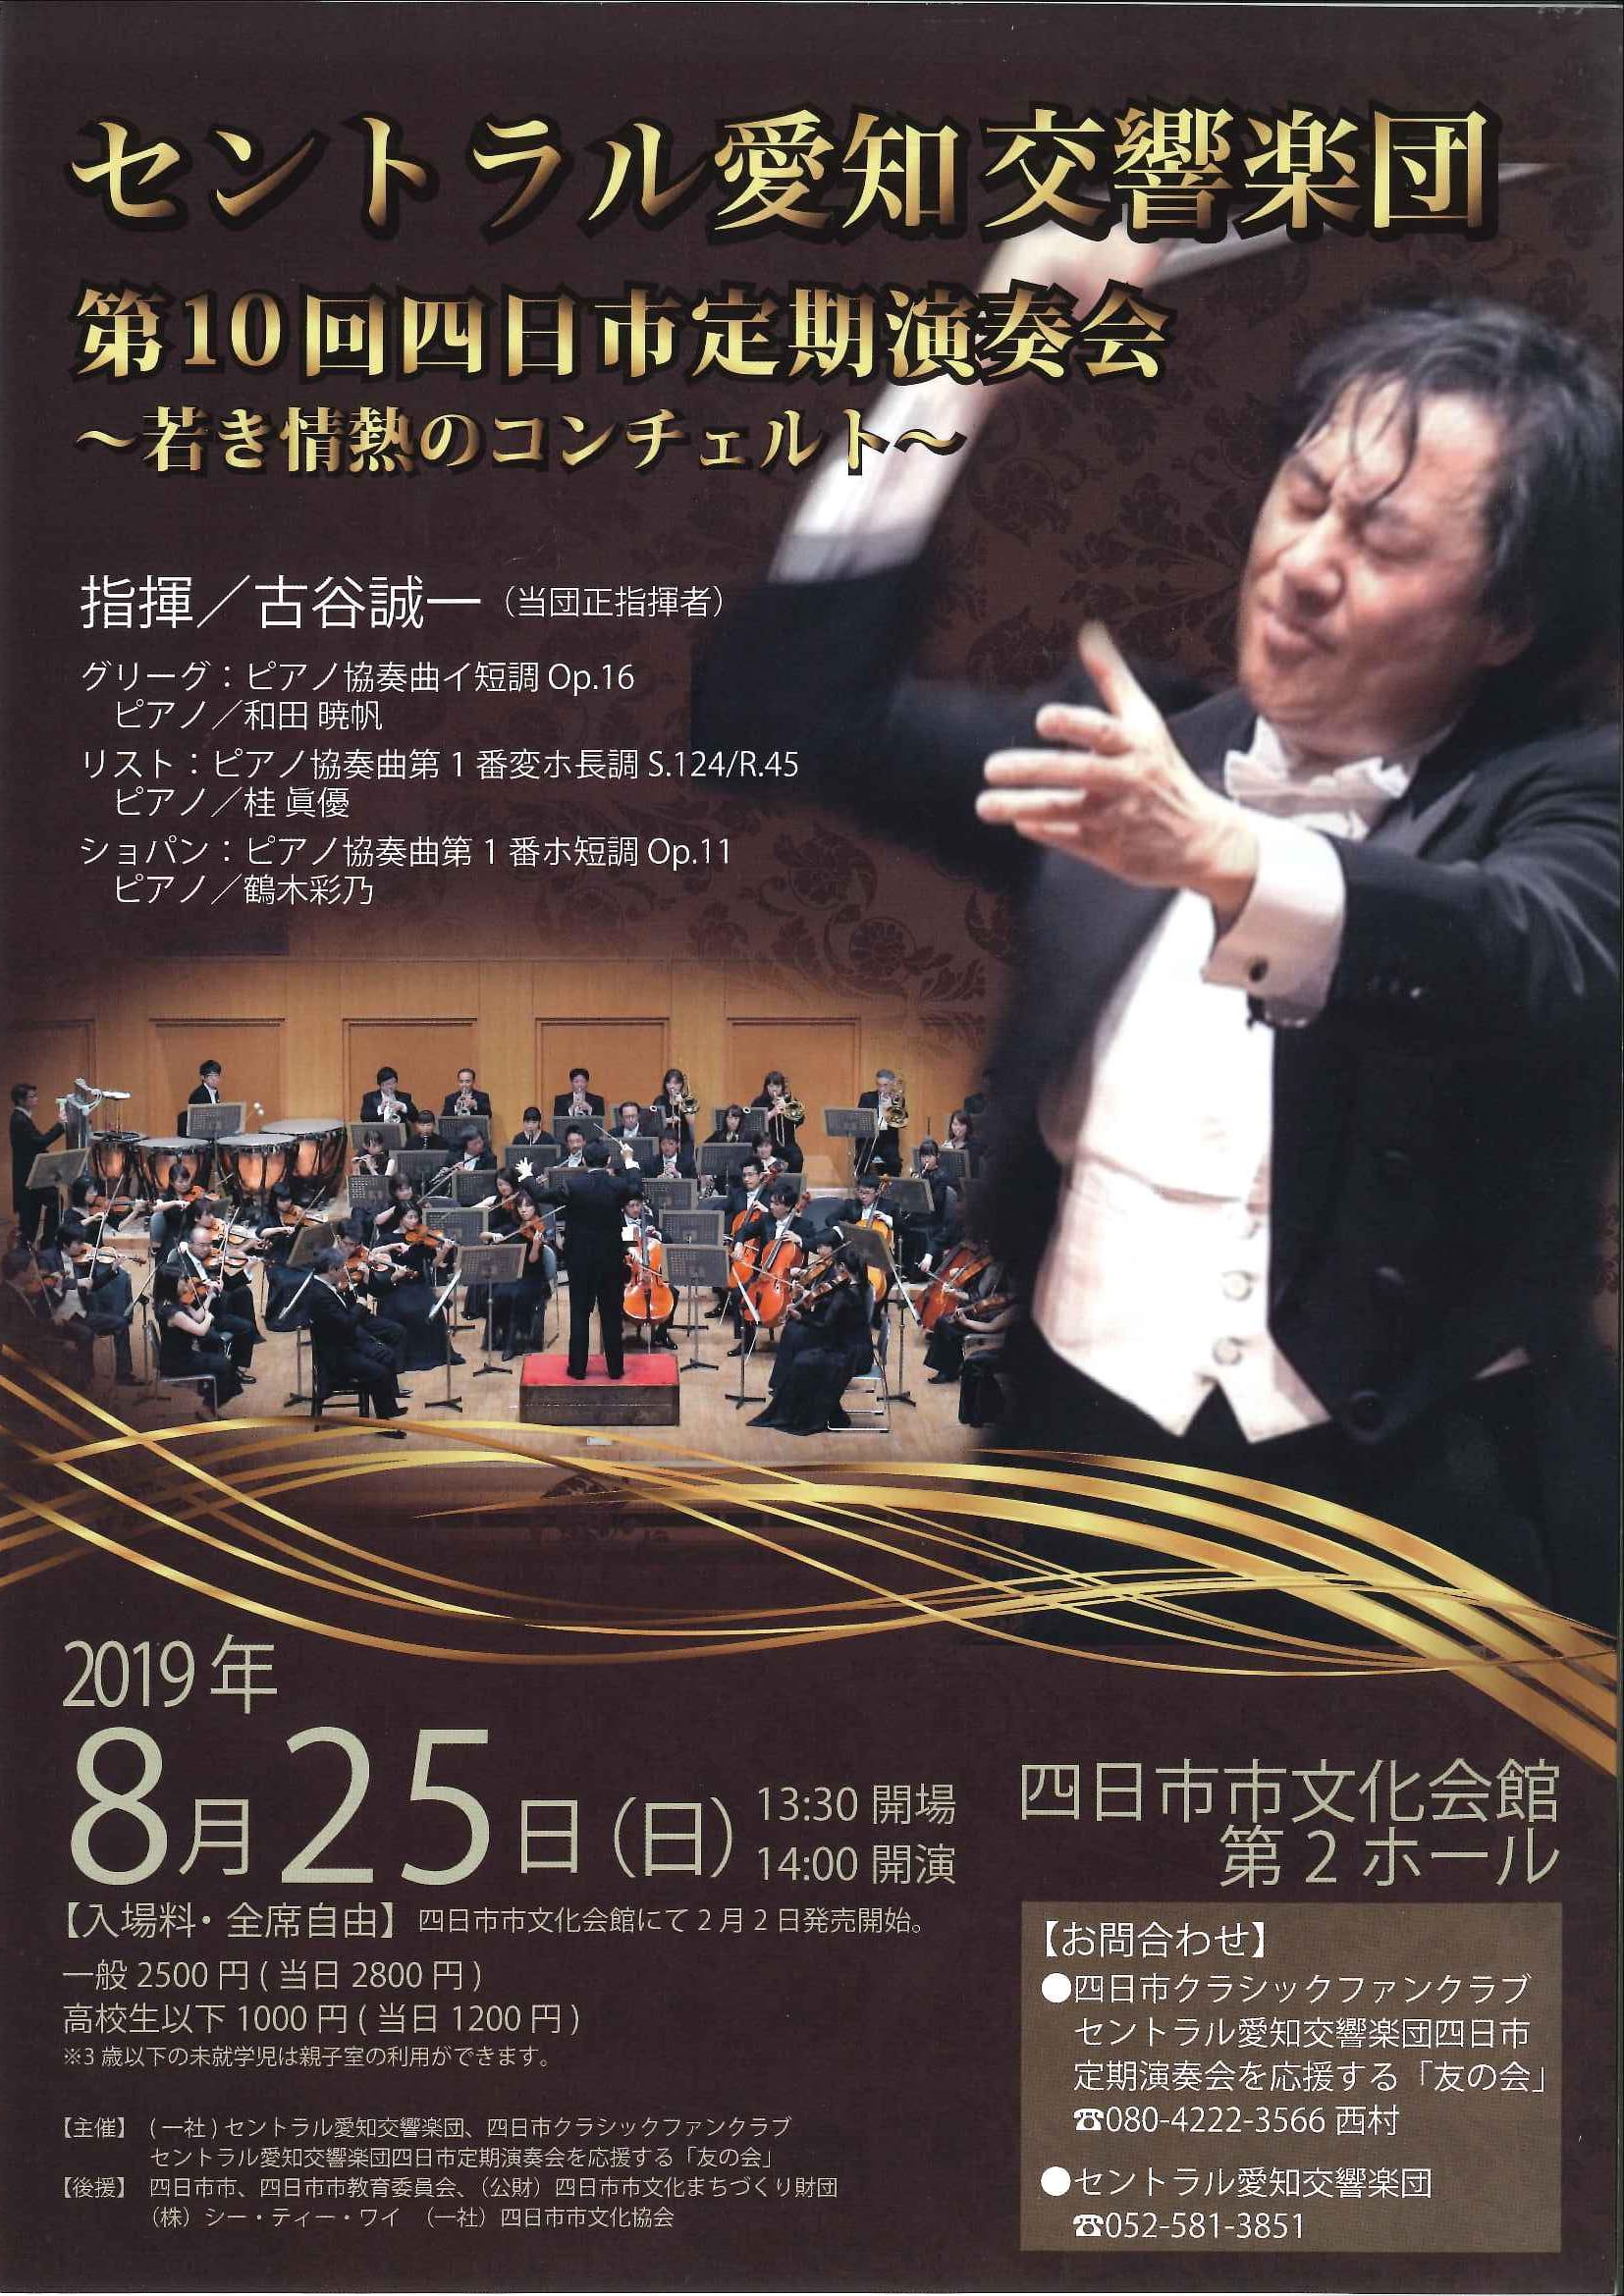 セントラル愛知交響楽団第10回四日市定期演奏会~若き情熱のコンチェルト~